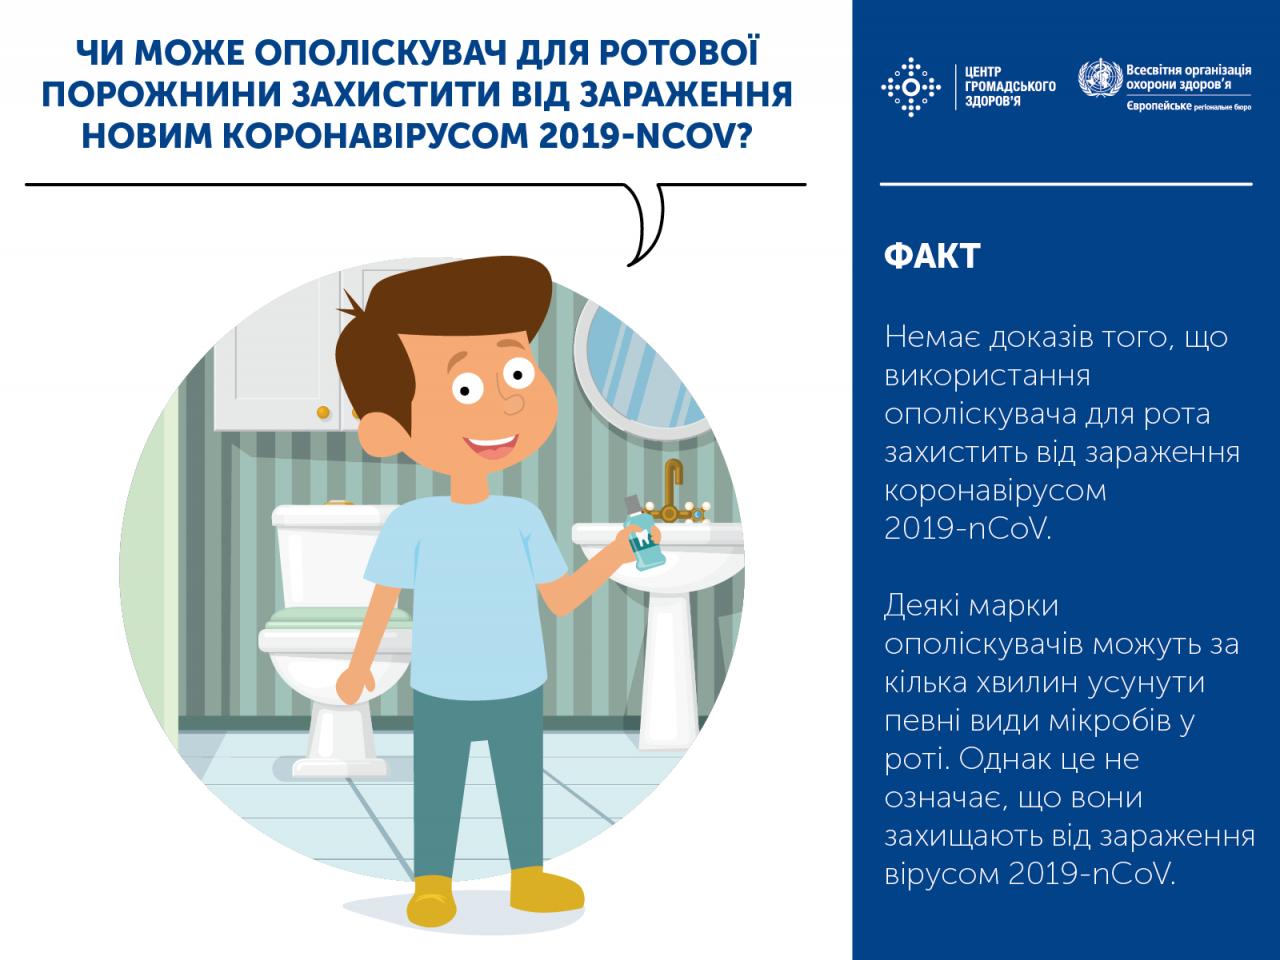 http://dunrada.gov.ua/uploadfile/archive_news/2020/03/16/2020-03-16_803/images/images-84021.png